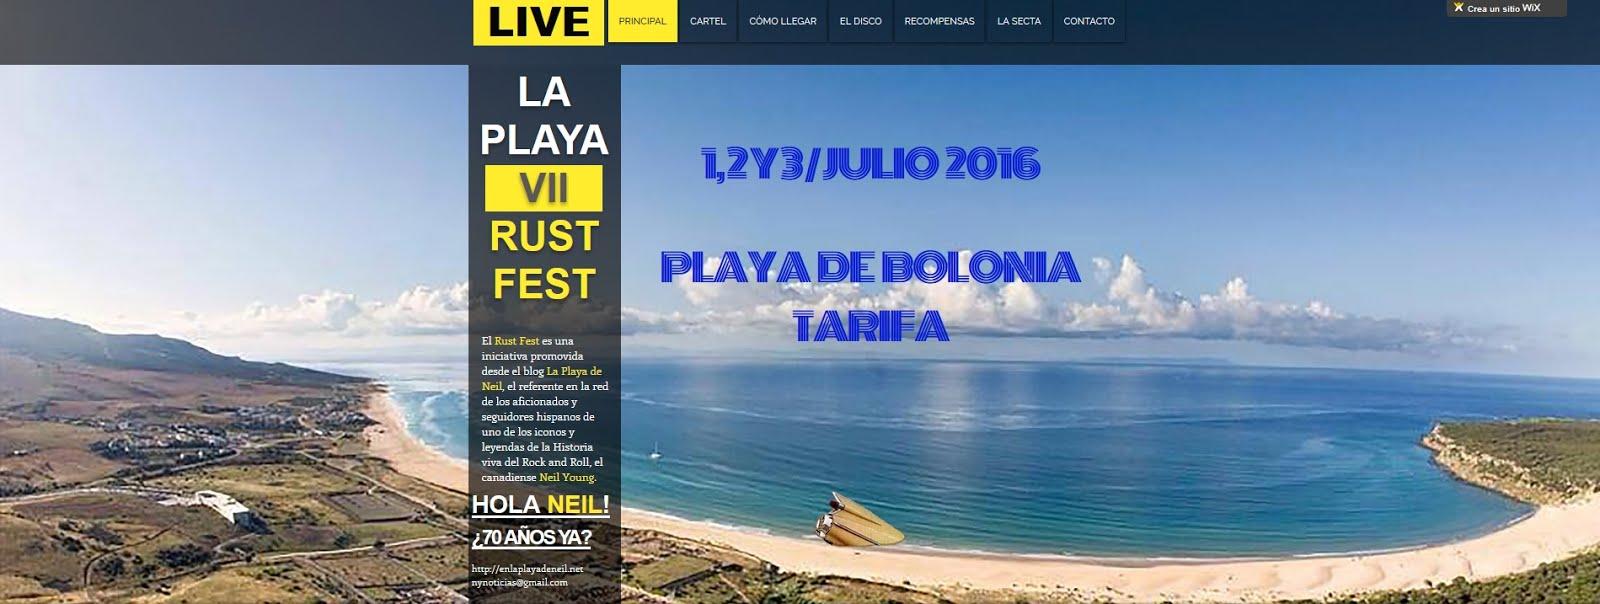 LA PLAYA VII RUST FEST